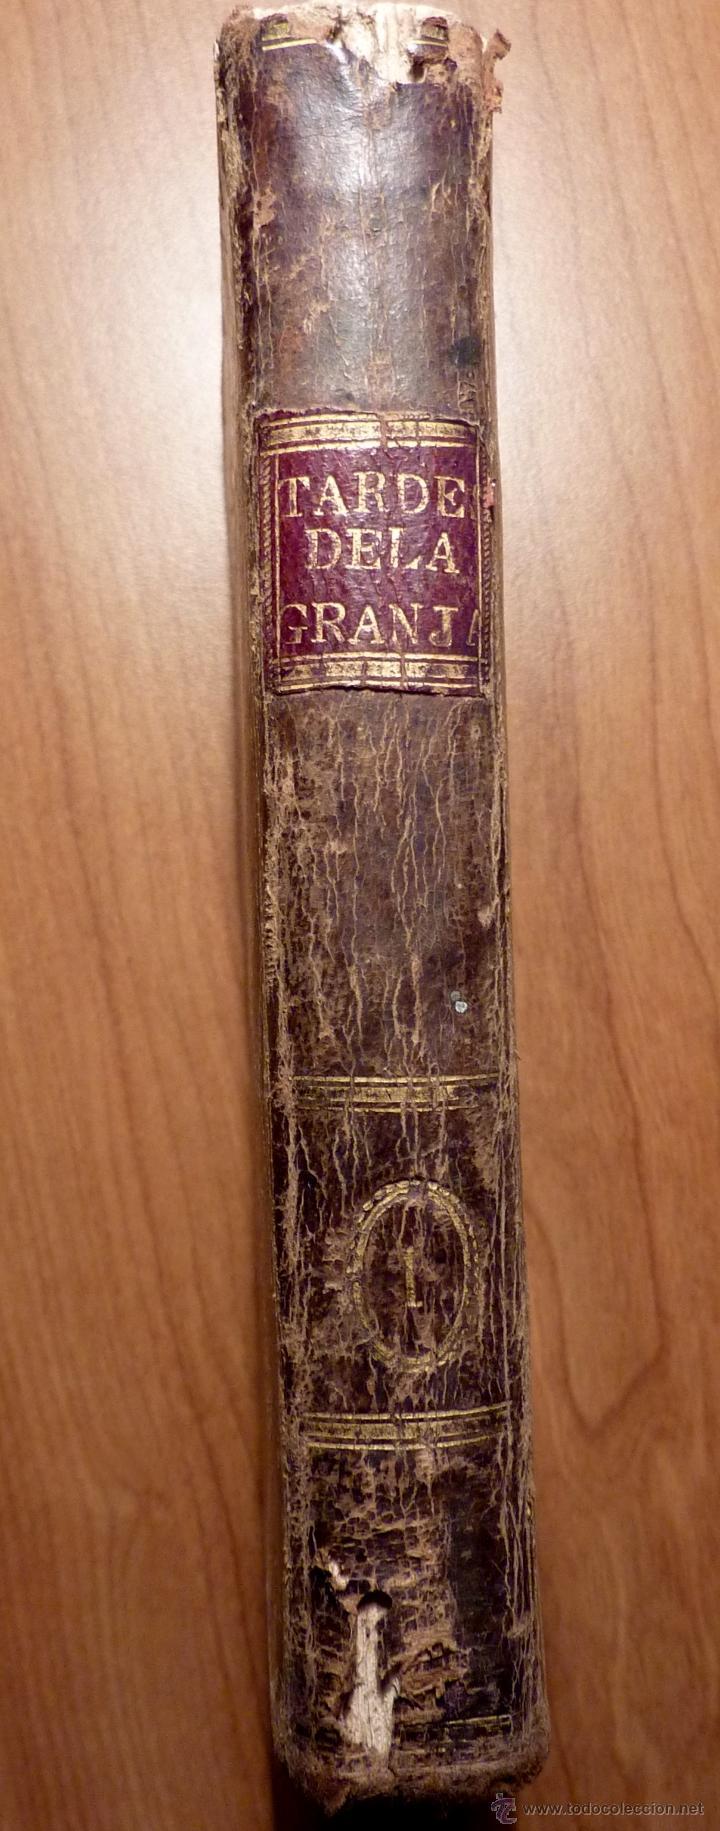 LAS TARDES DE LA GRANJA, V.RGUEZ DE ARELLANO, TOMO I 1803 (PRIMERA EDICION) (Libros Antiguos, Raros y Curiosos - Literatura Infantil y Juvenil - Novela)